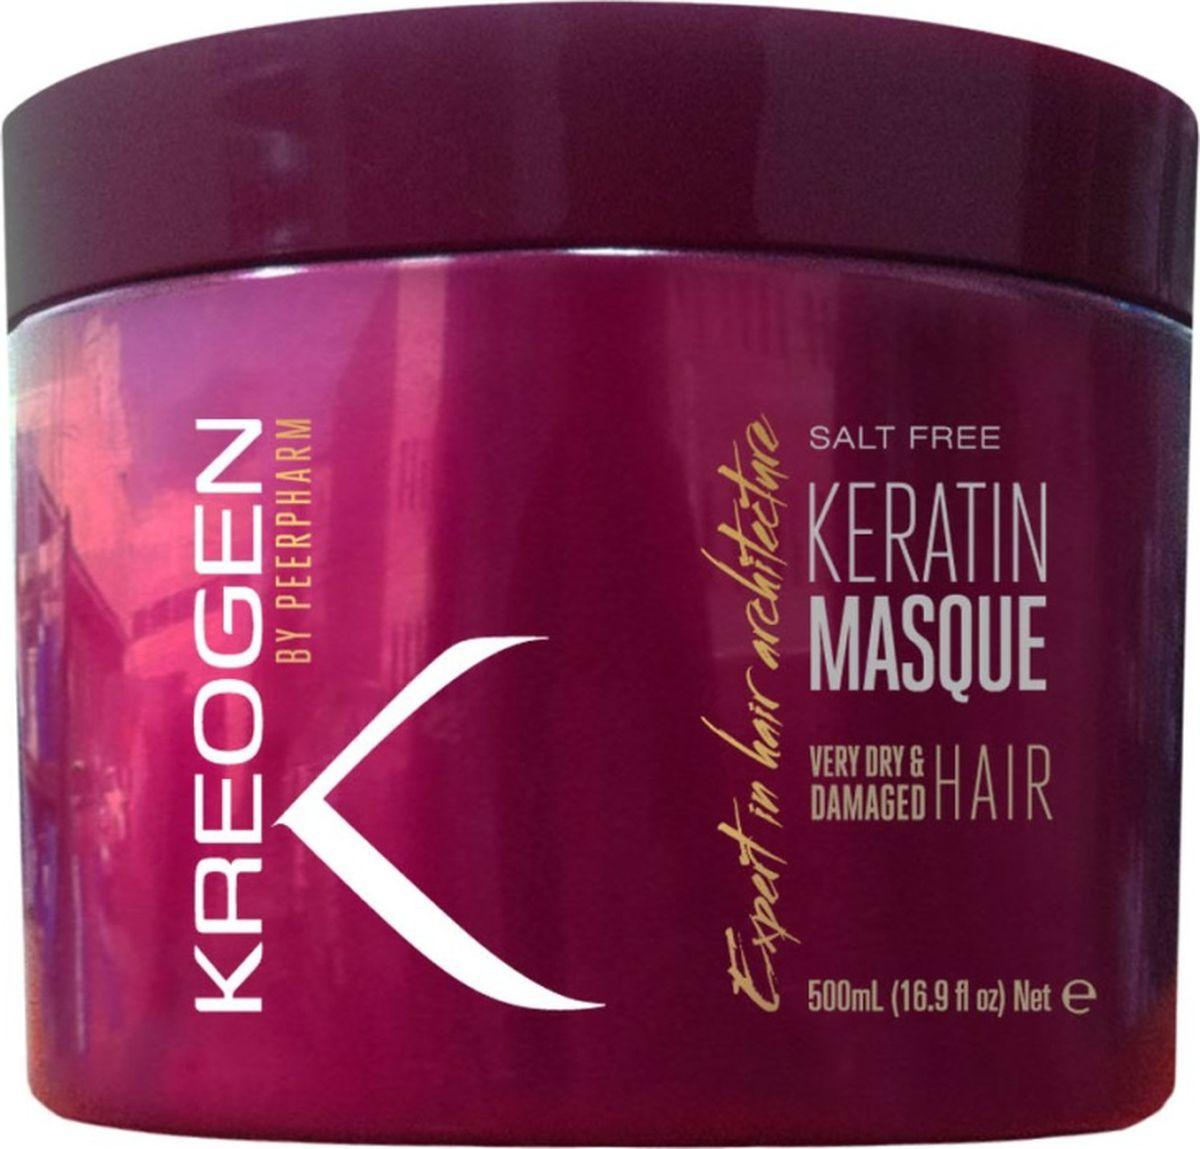 Kreogen Бессолевая кератиновая маска для сухих и поврежденных волос, Kreogen, 500 млKr2025Основной активный ингредиент косметики Kreogen - кератин - чрезвычайно сильный протеин, основной компонент структуры волос.- питательная маска с комплексом масел для восстановления жизненных сил, блеска и структуры волос;- масла арганы и миндаля отлично усваиваются волосами, что обеспечивает им мягкость и опрятность по всей длине сразу же после применения;- можно использовать до 3 раз в неделю на всю длину волос + на очень сухие и ломкие кончики каждый раз после мытья волос.